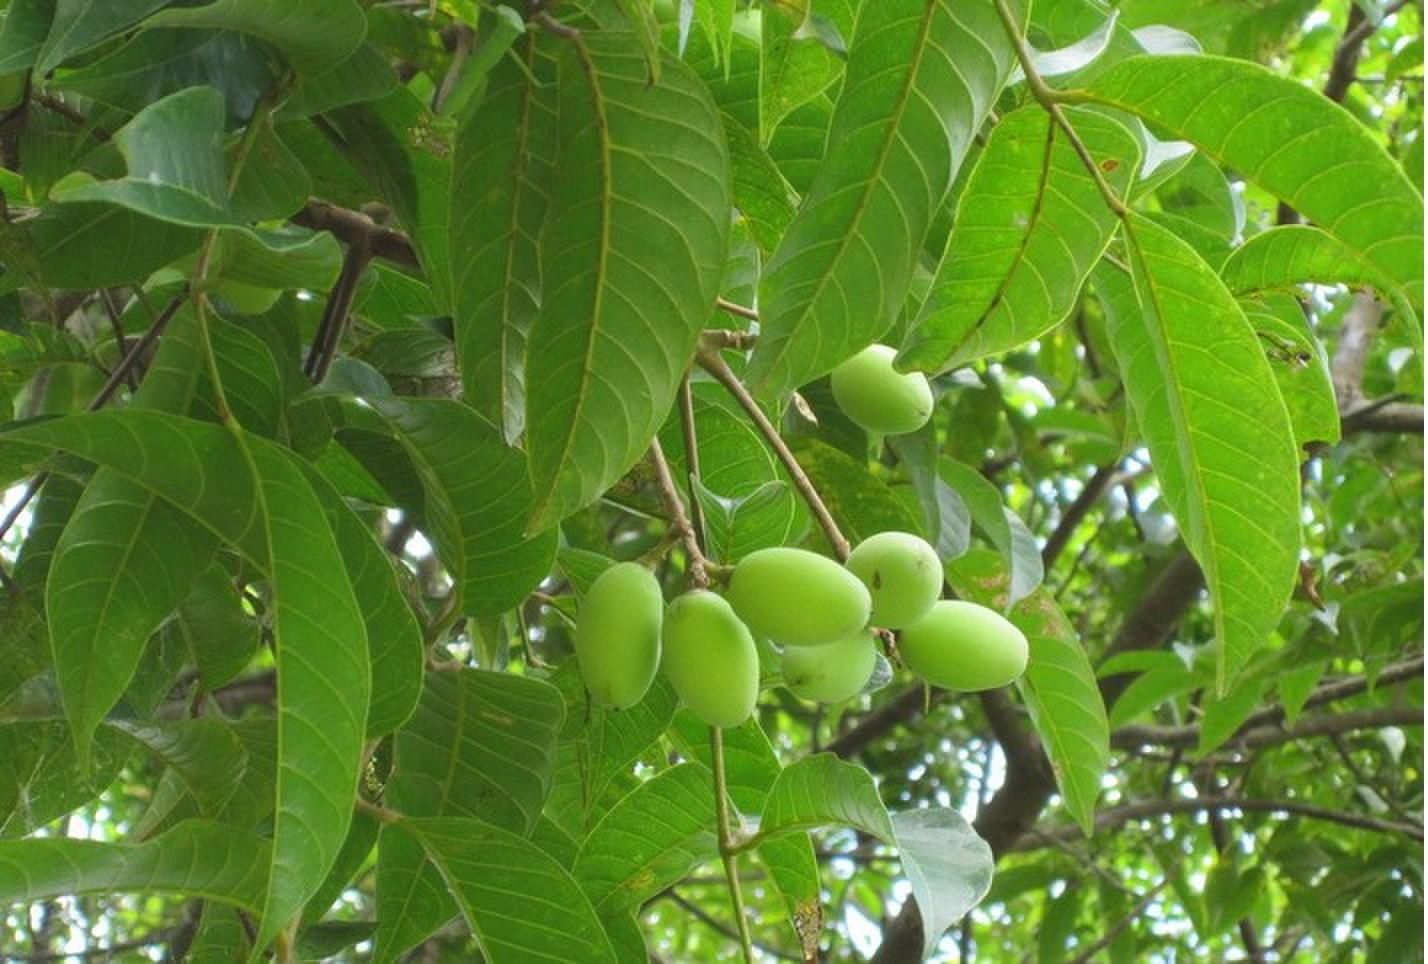 橄榄叶提取物橄榄苦甙40%示例图4